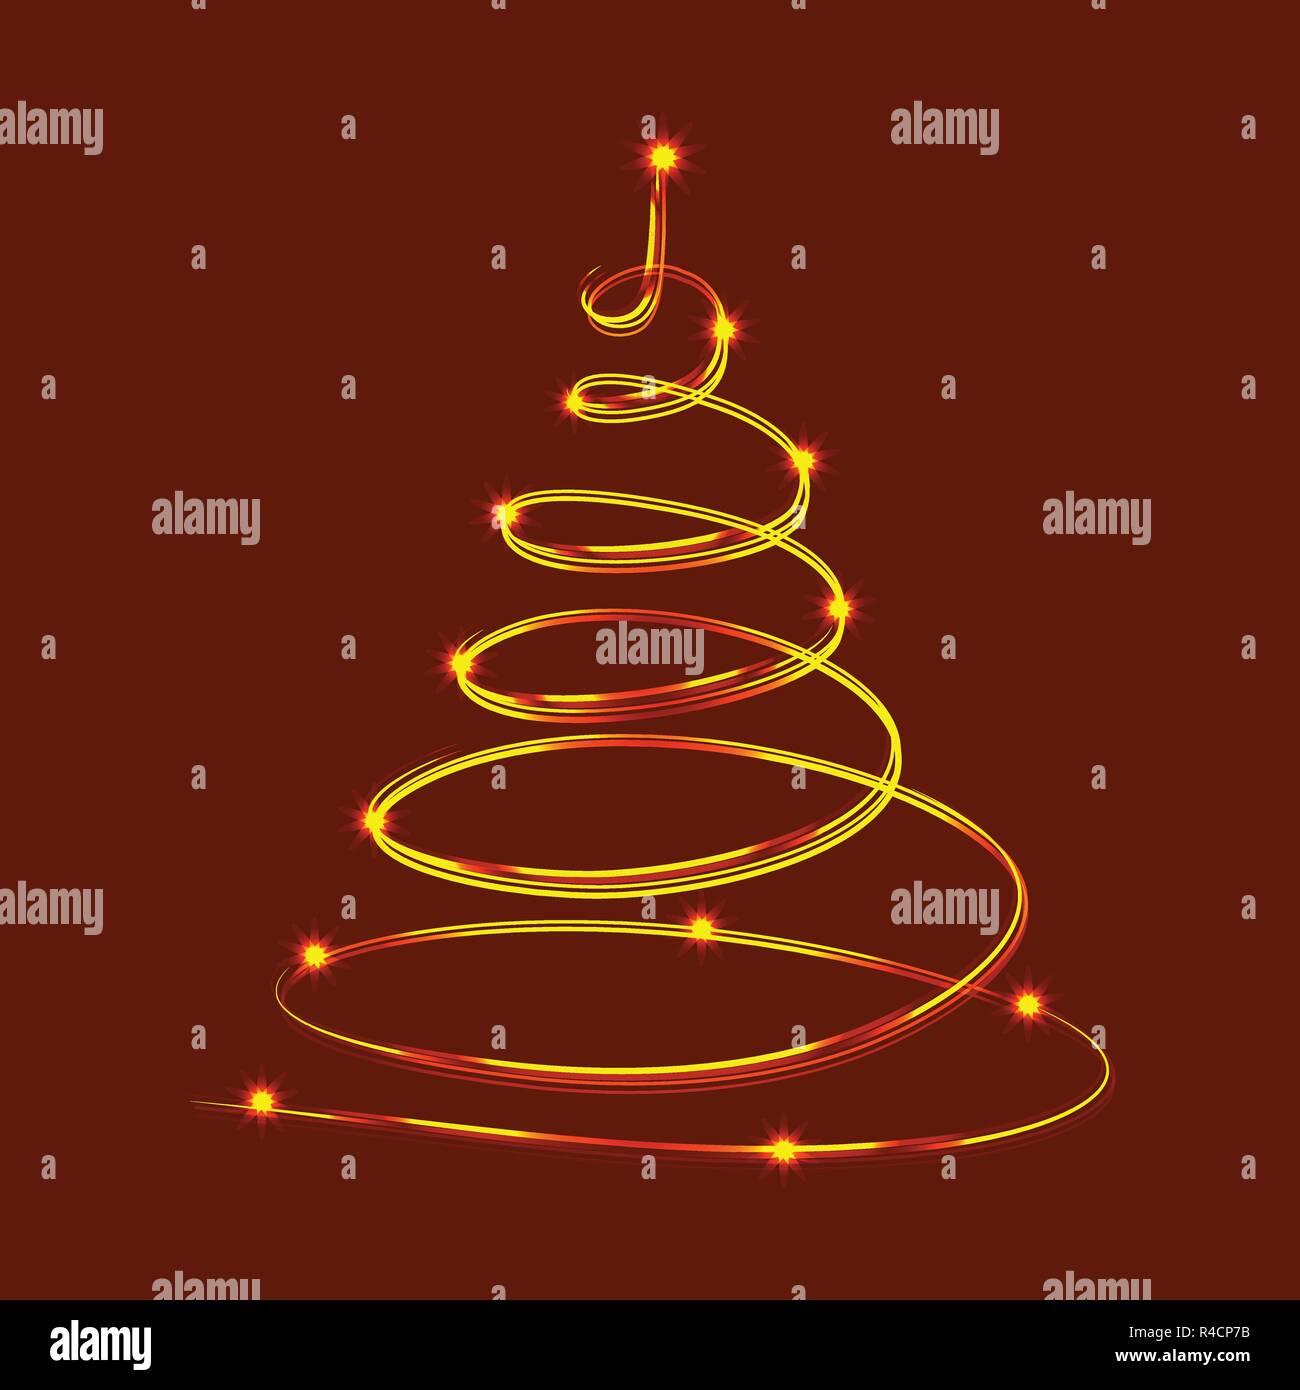 árbol De Navidad Con Neón Brillantes Estrellas Vector